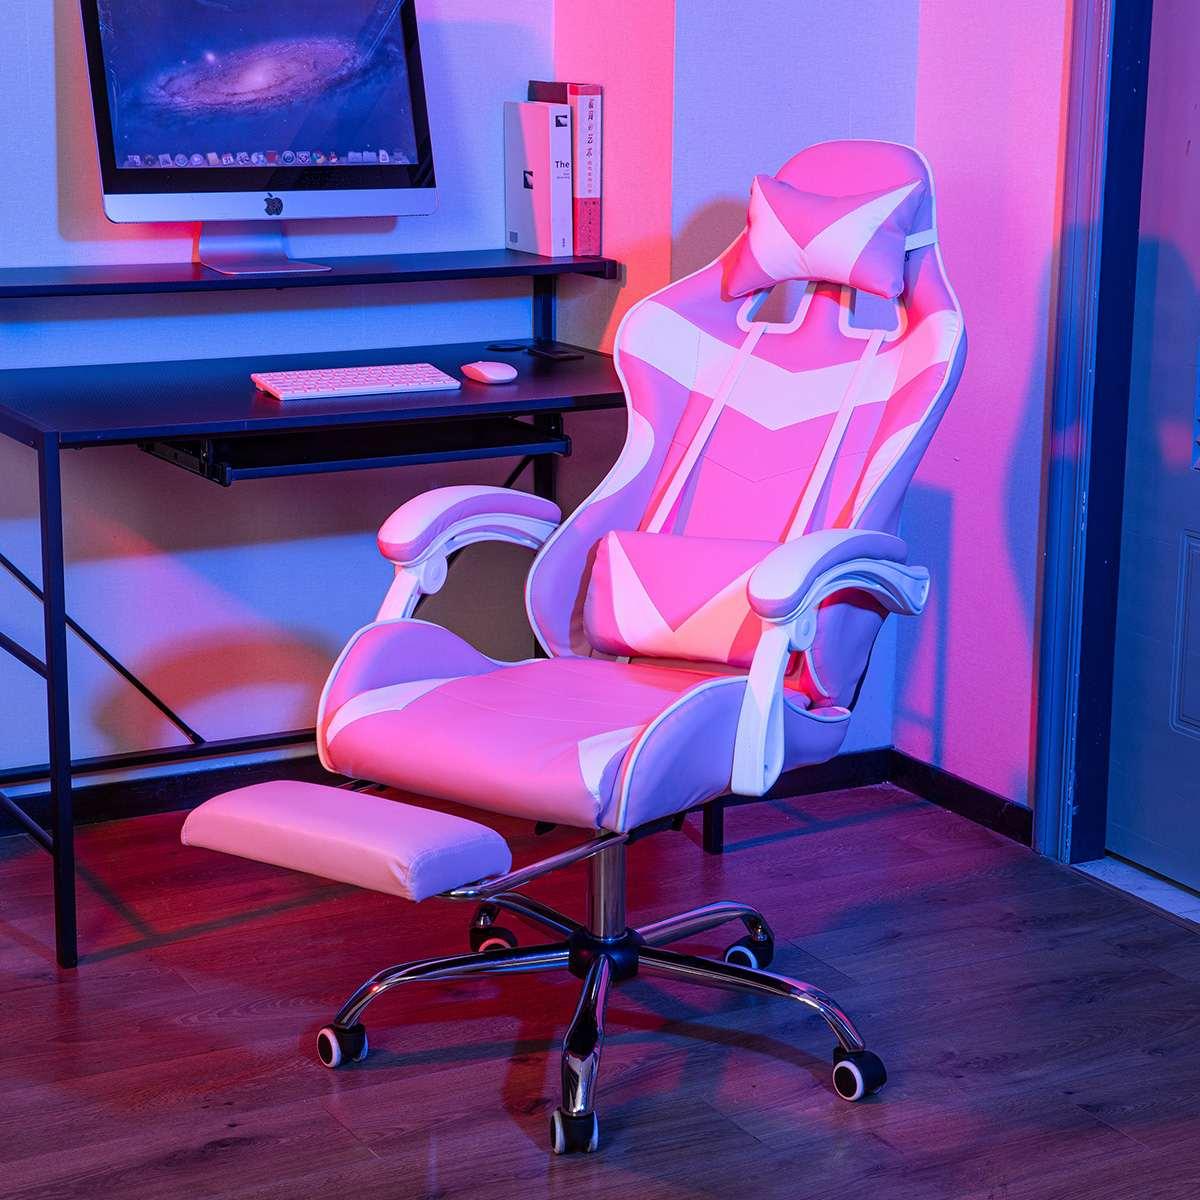 الألعاب الكراسي كرسي مكتب 150 درجة مستلق كرسي الكمبيوتر مريح التنفيذي الكمبيوتر الجلوس المتسابق كرسي بولي Leather الجلود